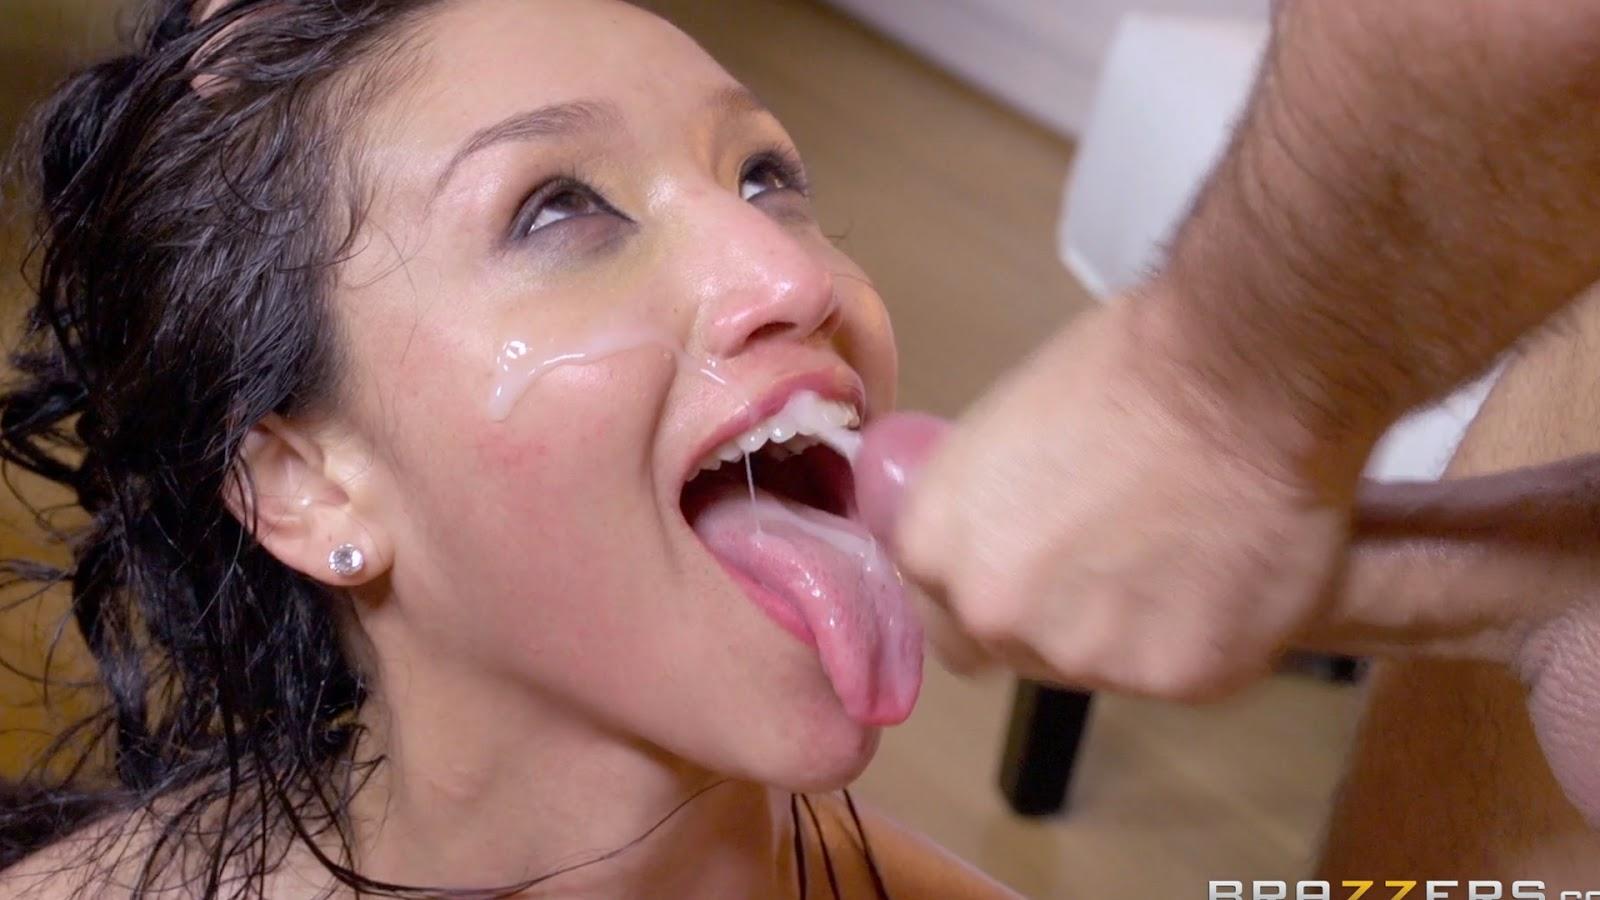 Нарезка камшотов анального домашнего порно, интим в новосибирске с госпожой